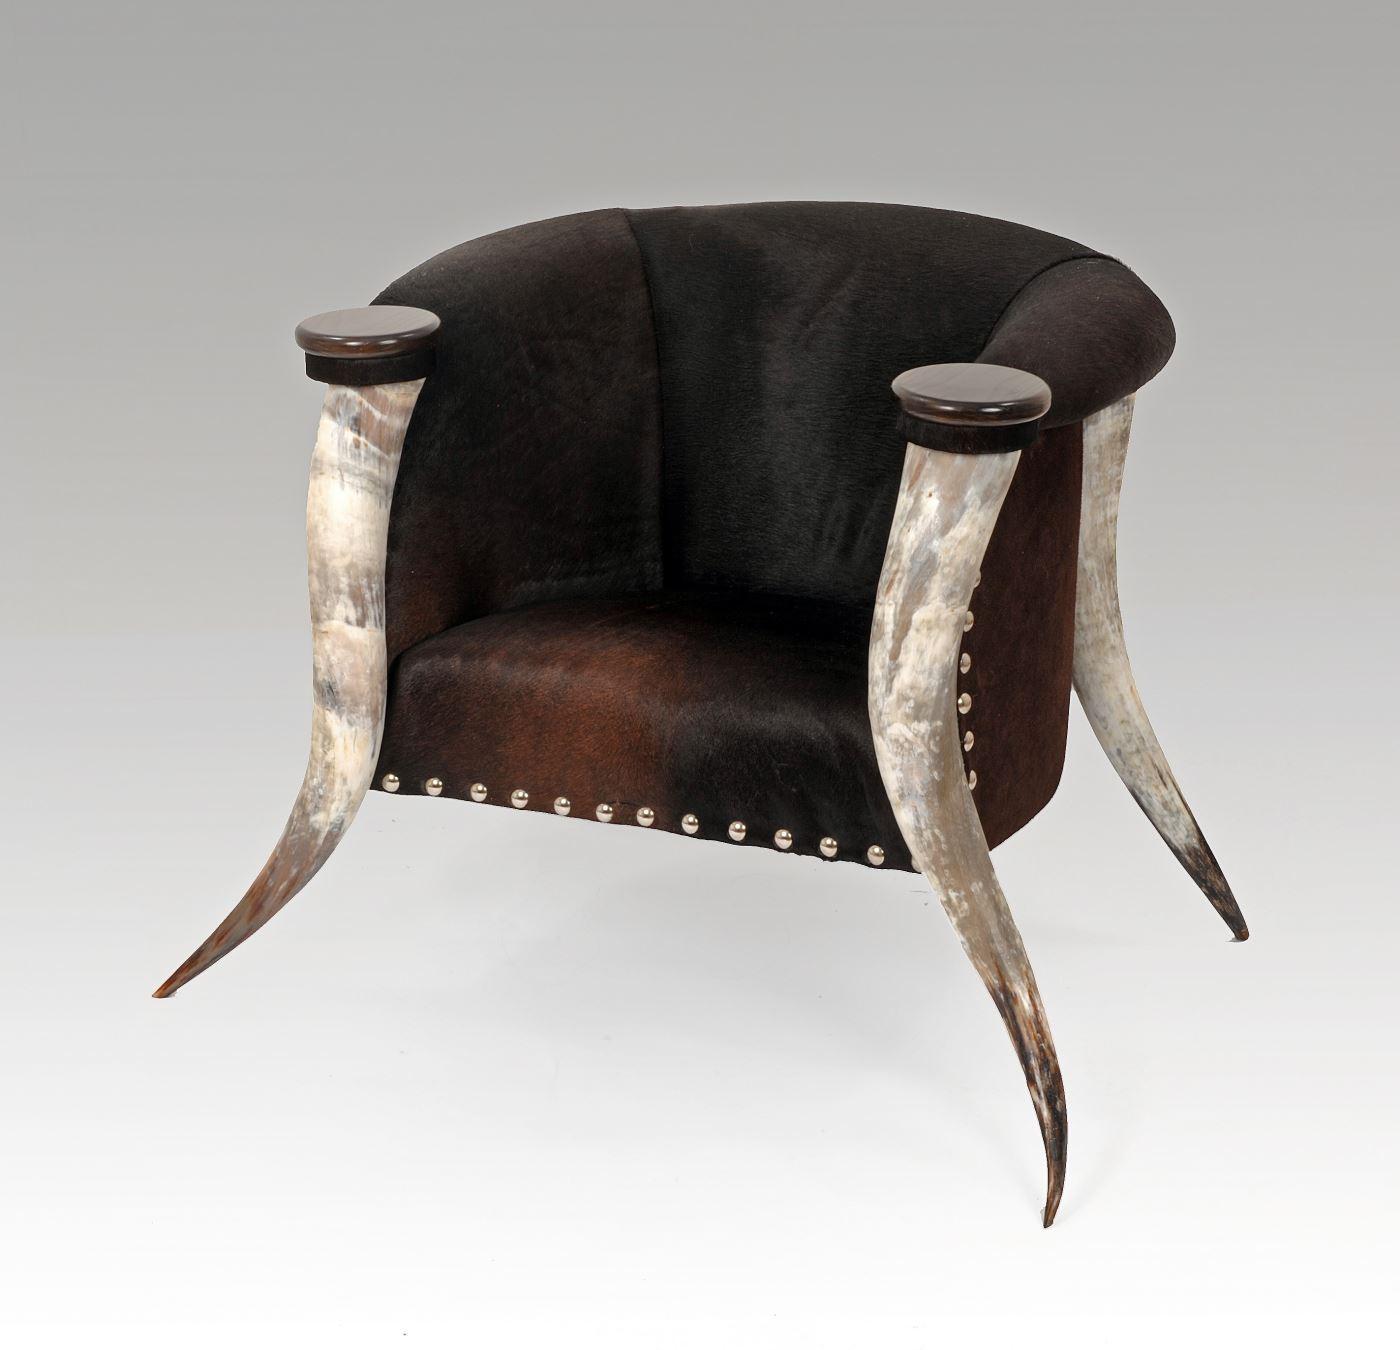 Ankole Chair